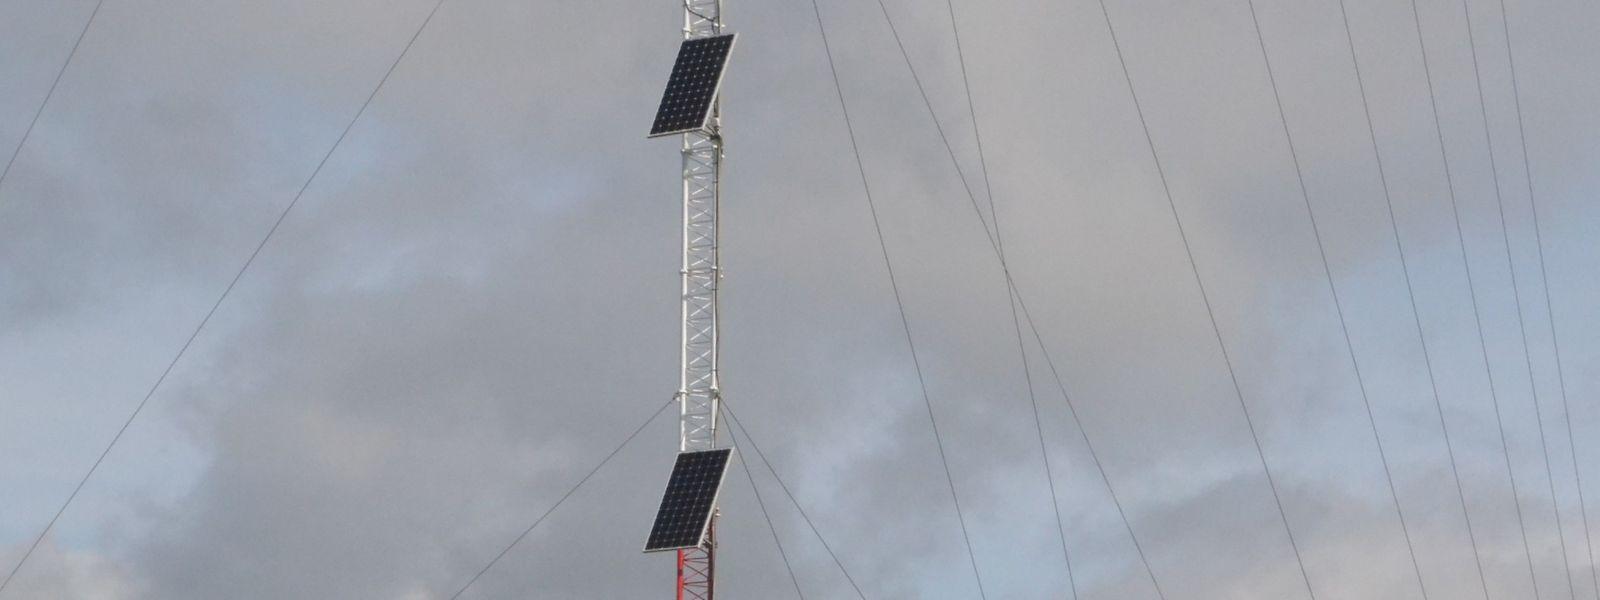 Pendant un an, ce mât installé sur la colline près de Mersch, collectera les données concernant le vent.